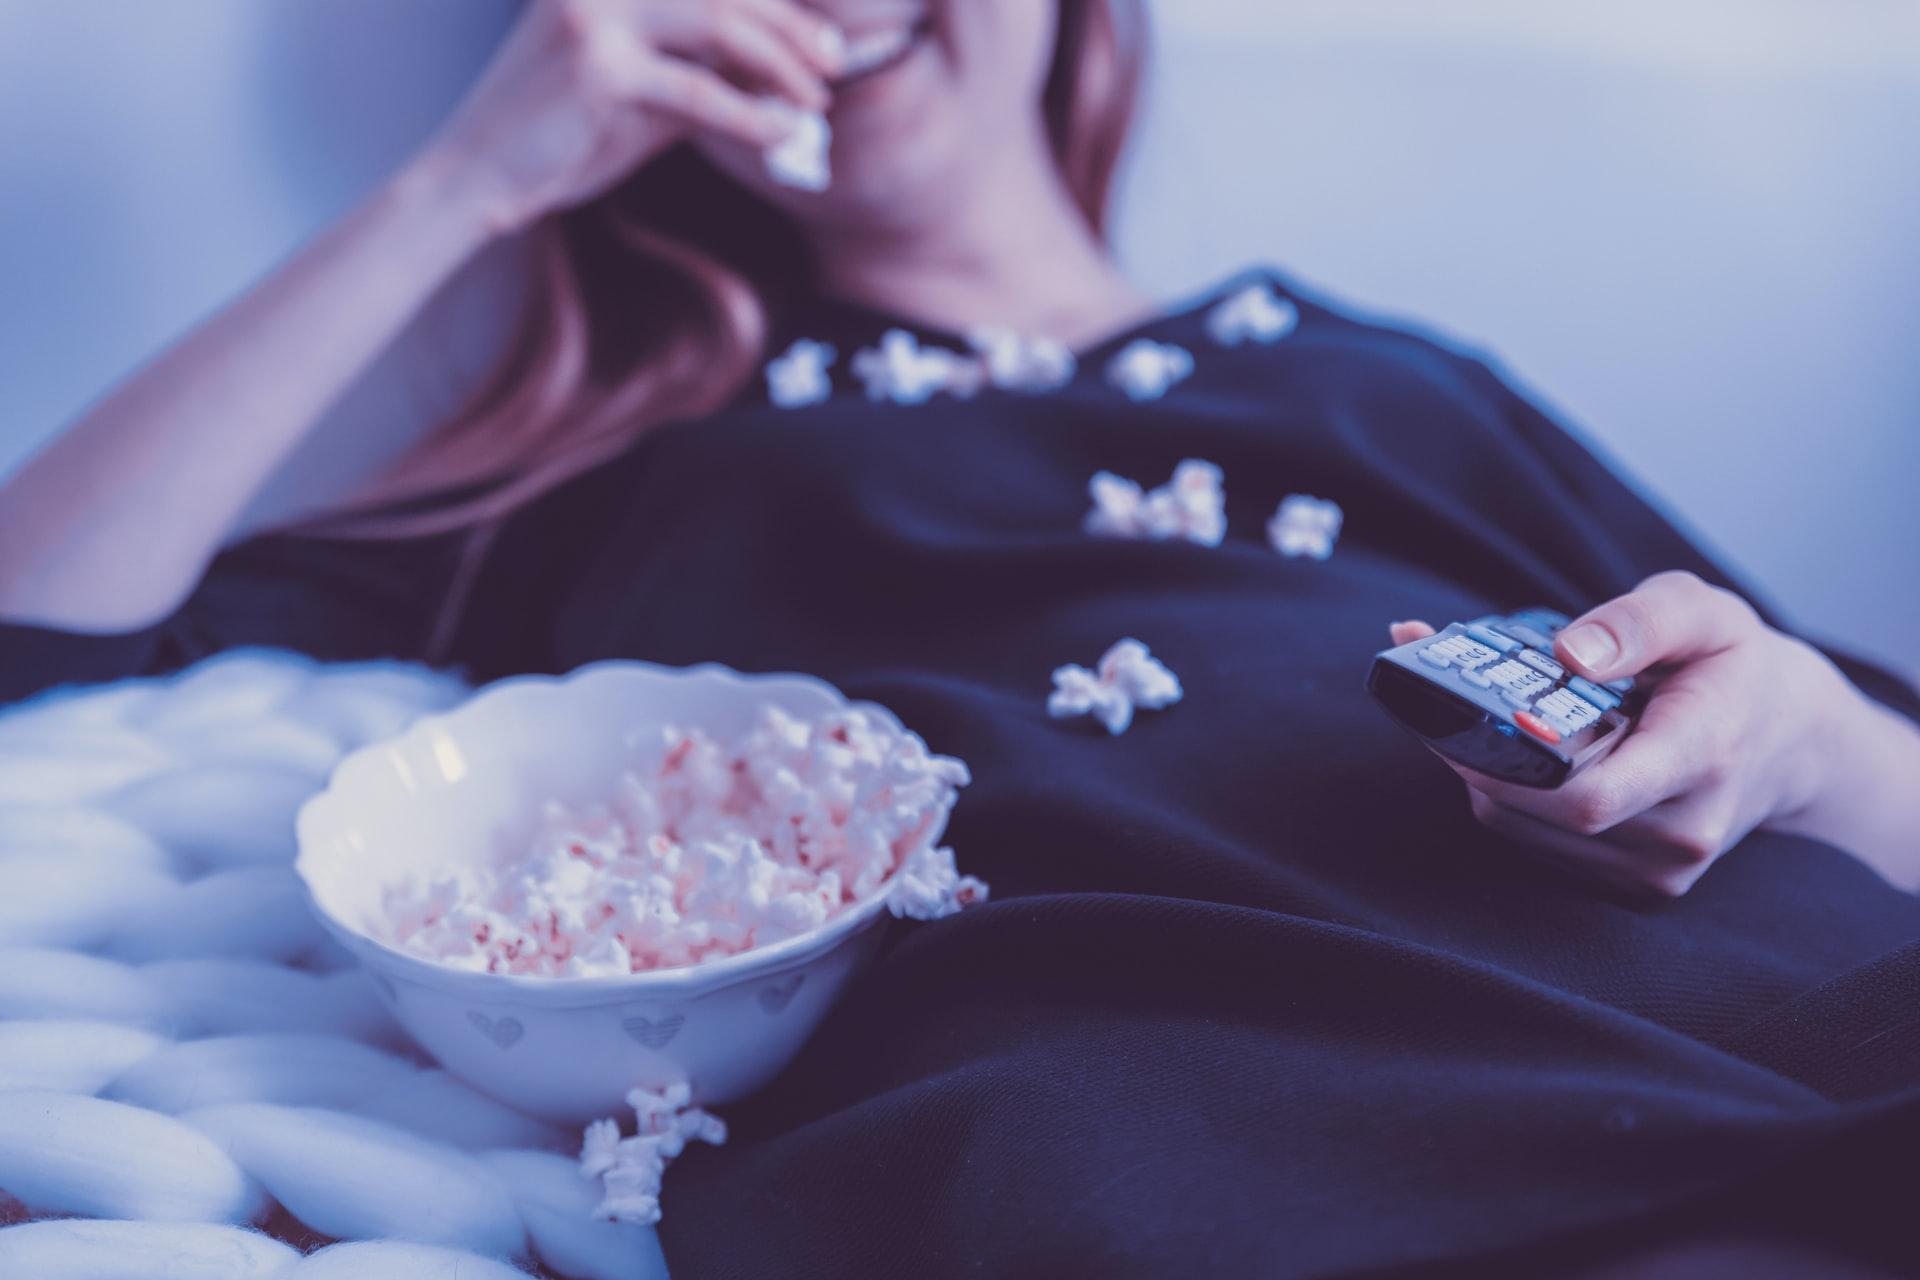 Serien und Filme Titelbild Frau mit Popcorn und Fernbedienung